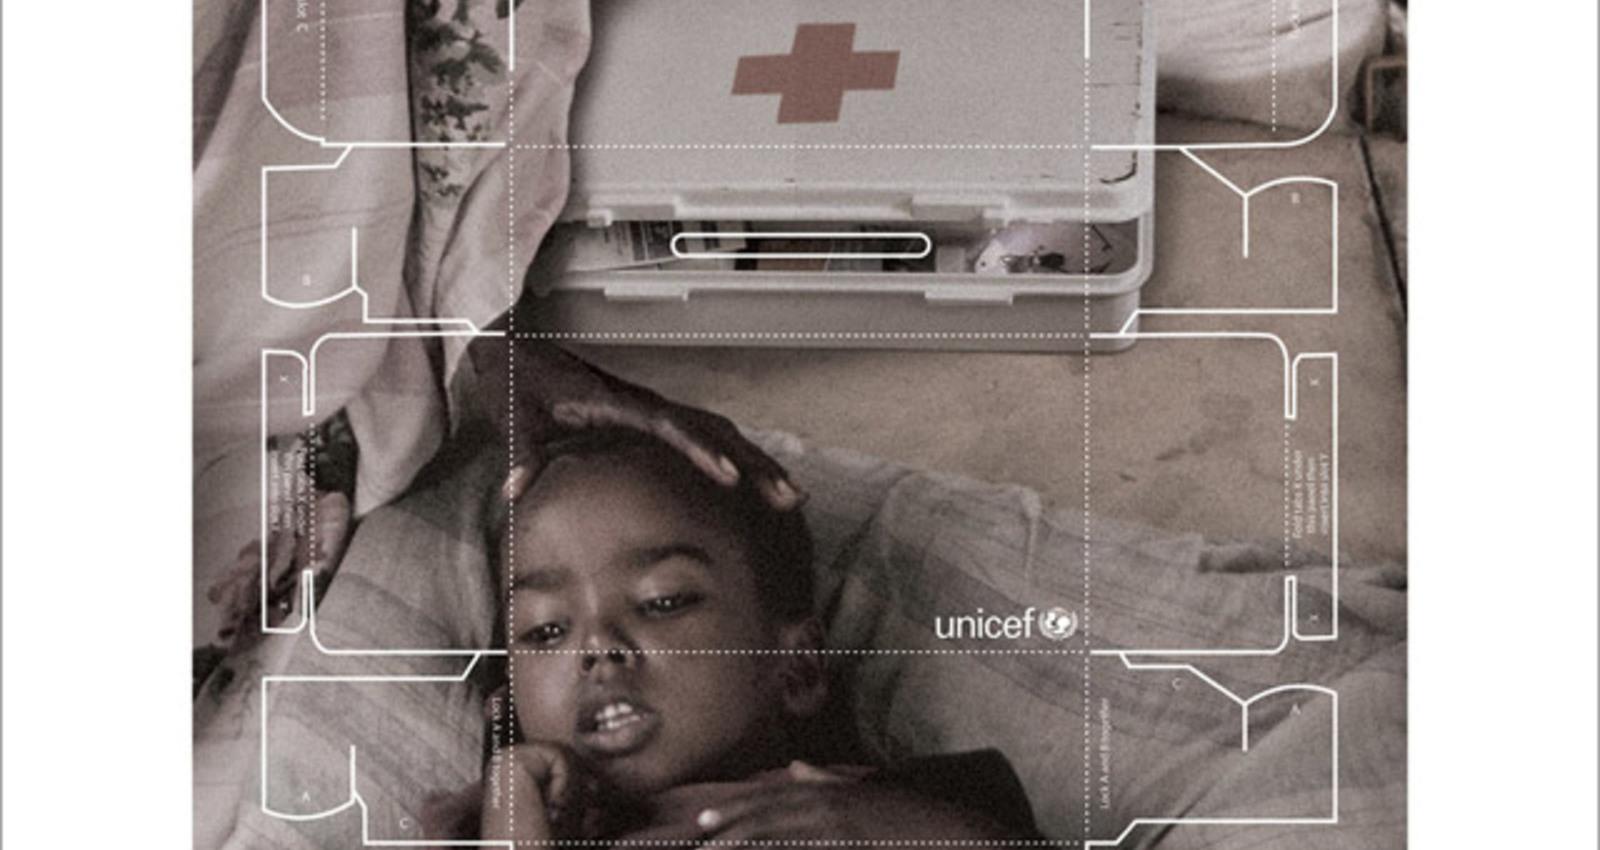 Education/Food/MedicalAid